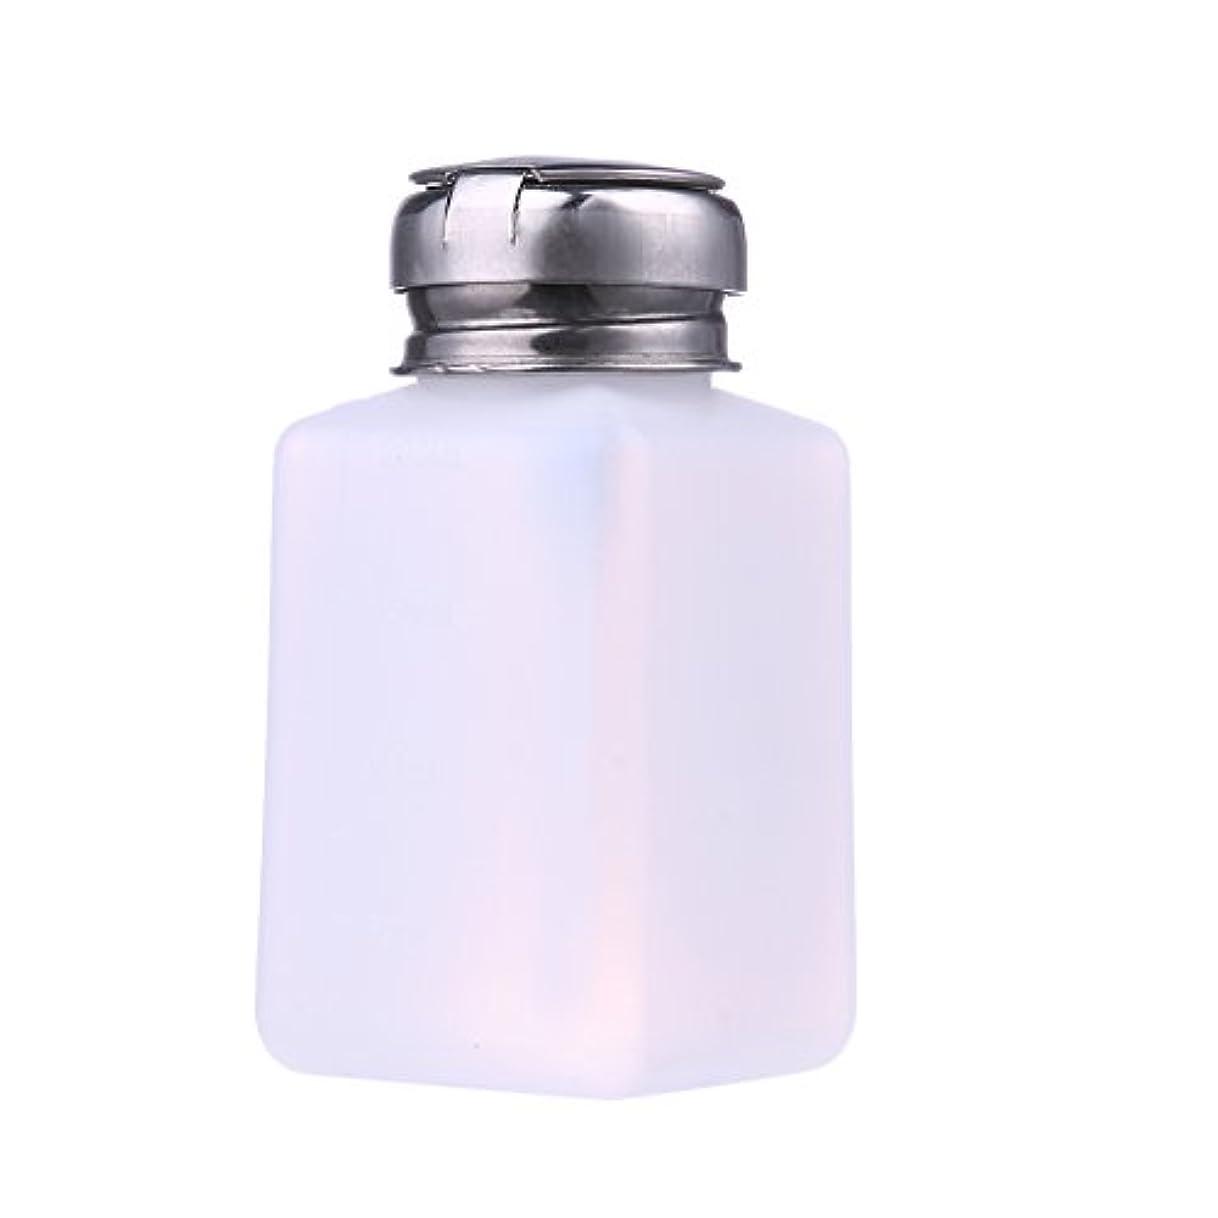 最終的にごめんなさい責任者Sunsoar 圧力ボトル 押すと液体は出る クレンザー ネイルリムーバー 消毒液 酒精